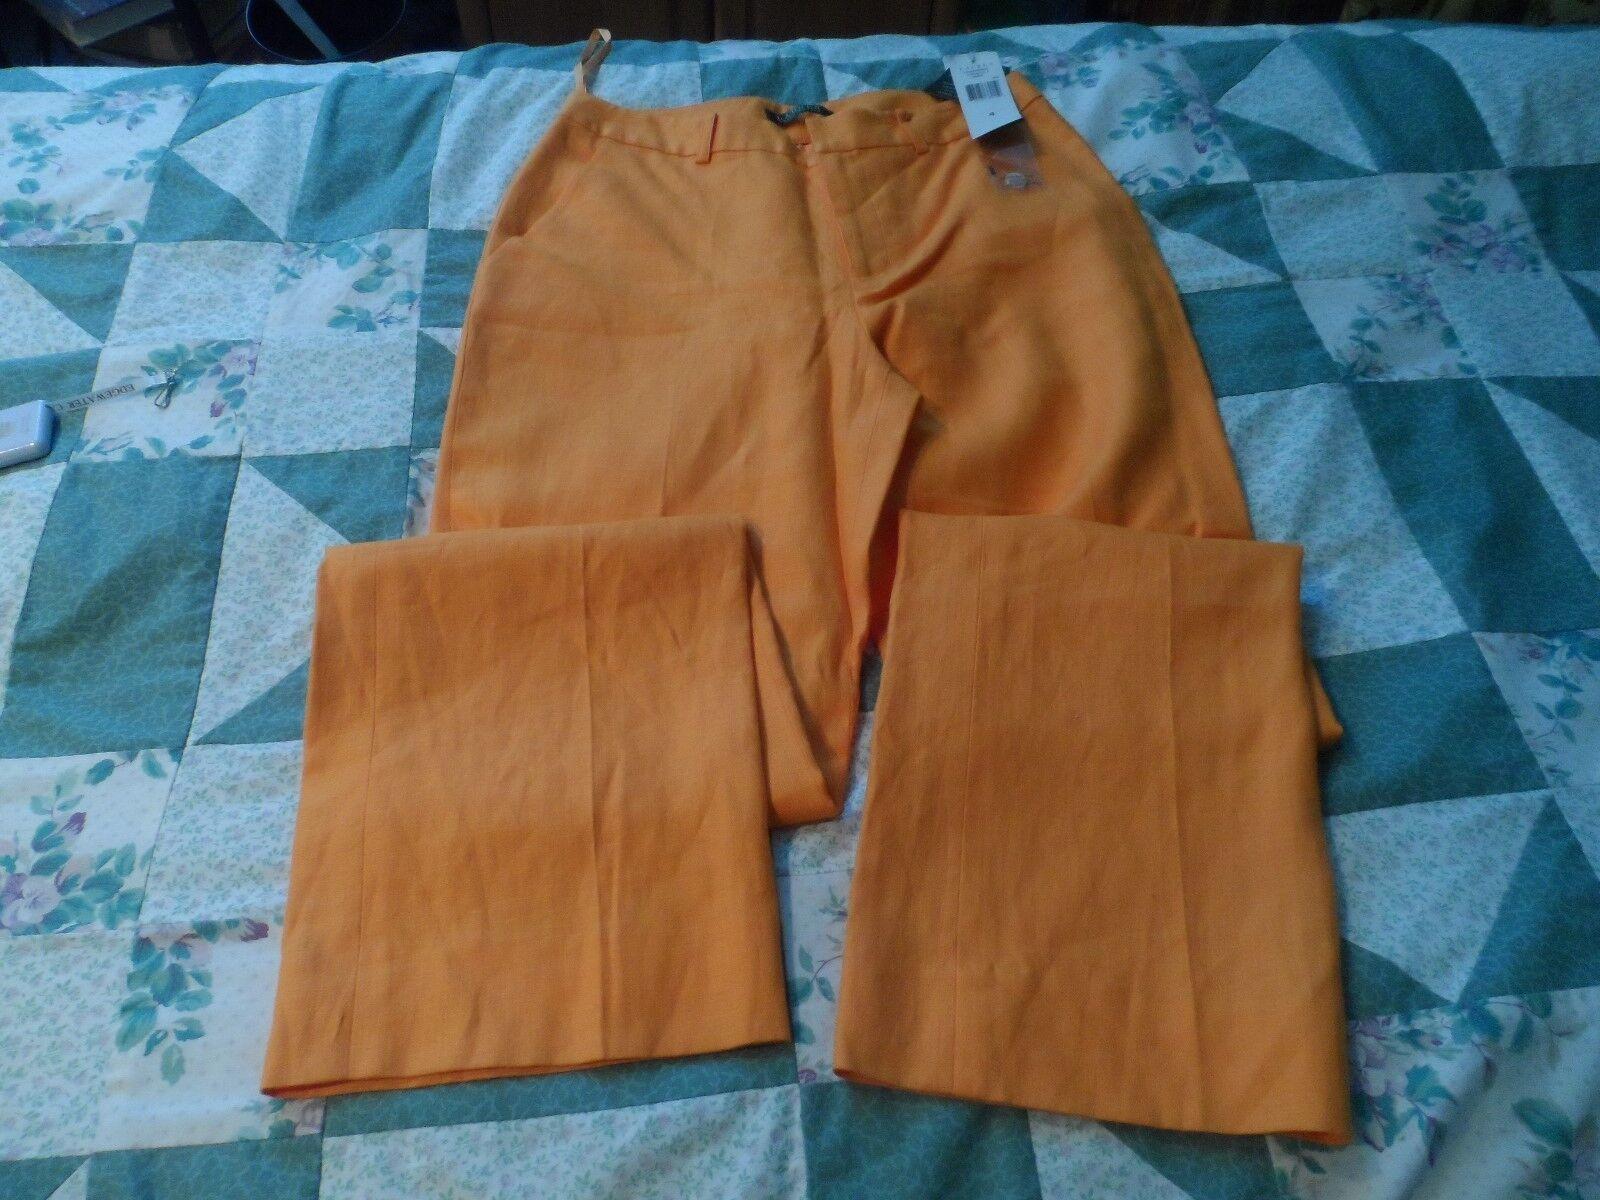 NEW Lauren Ralph Lauren orange Linen Pants in Size 4